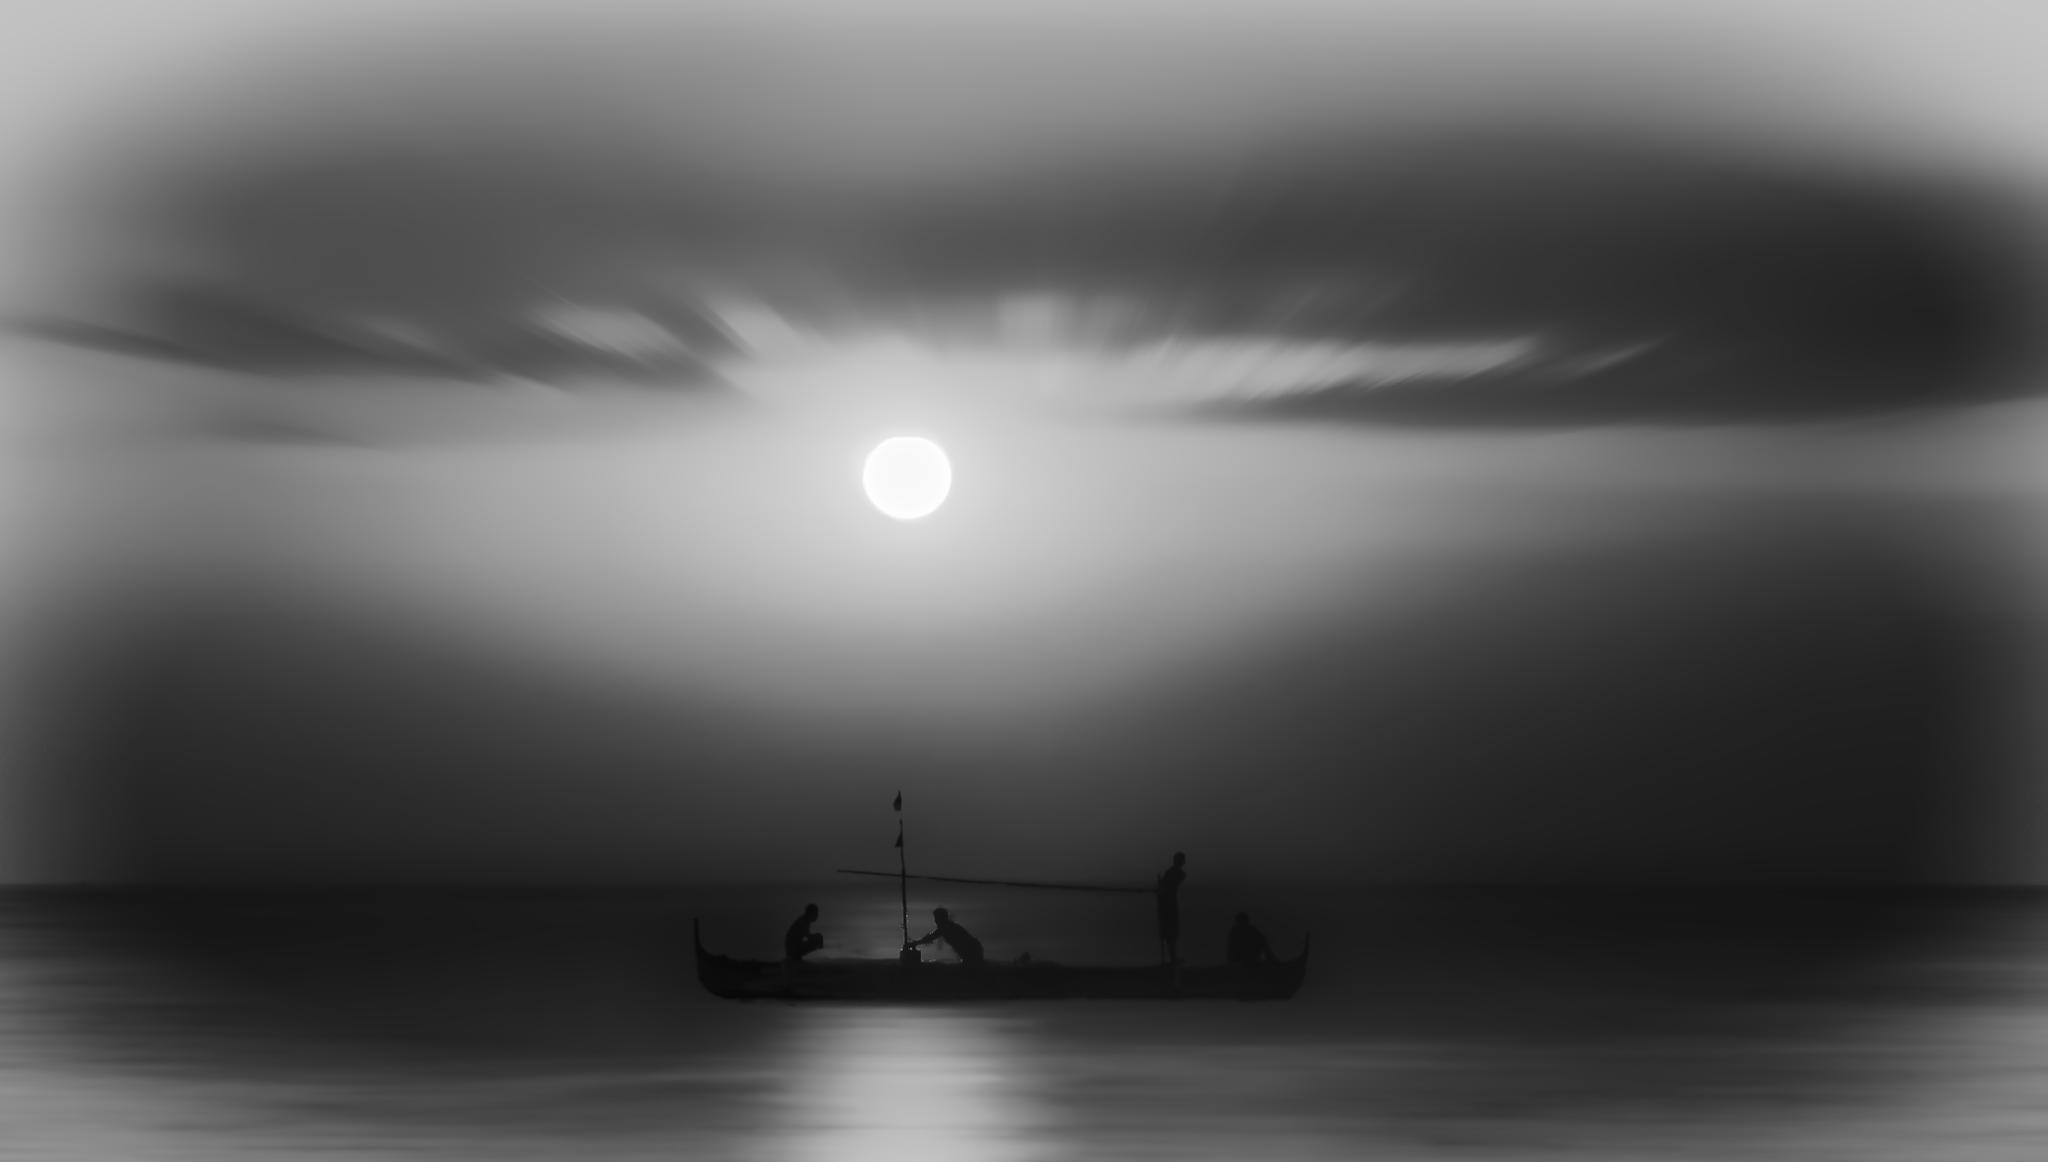 sunset by richie_garcia7